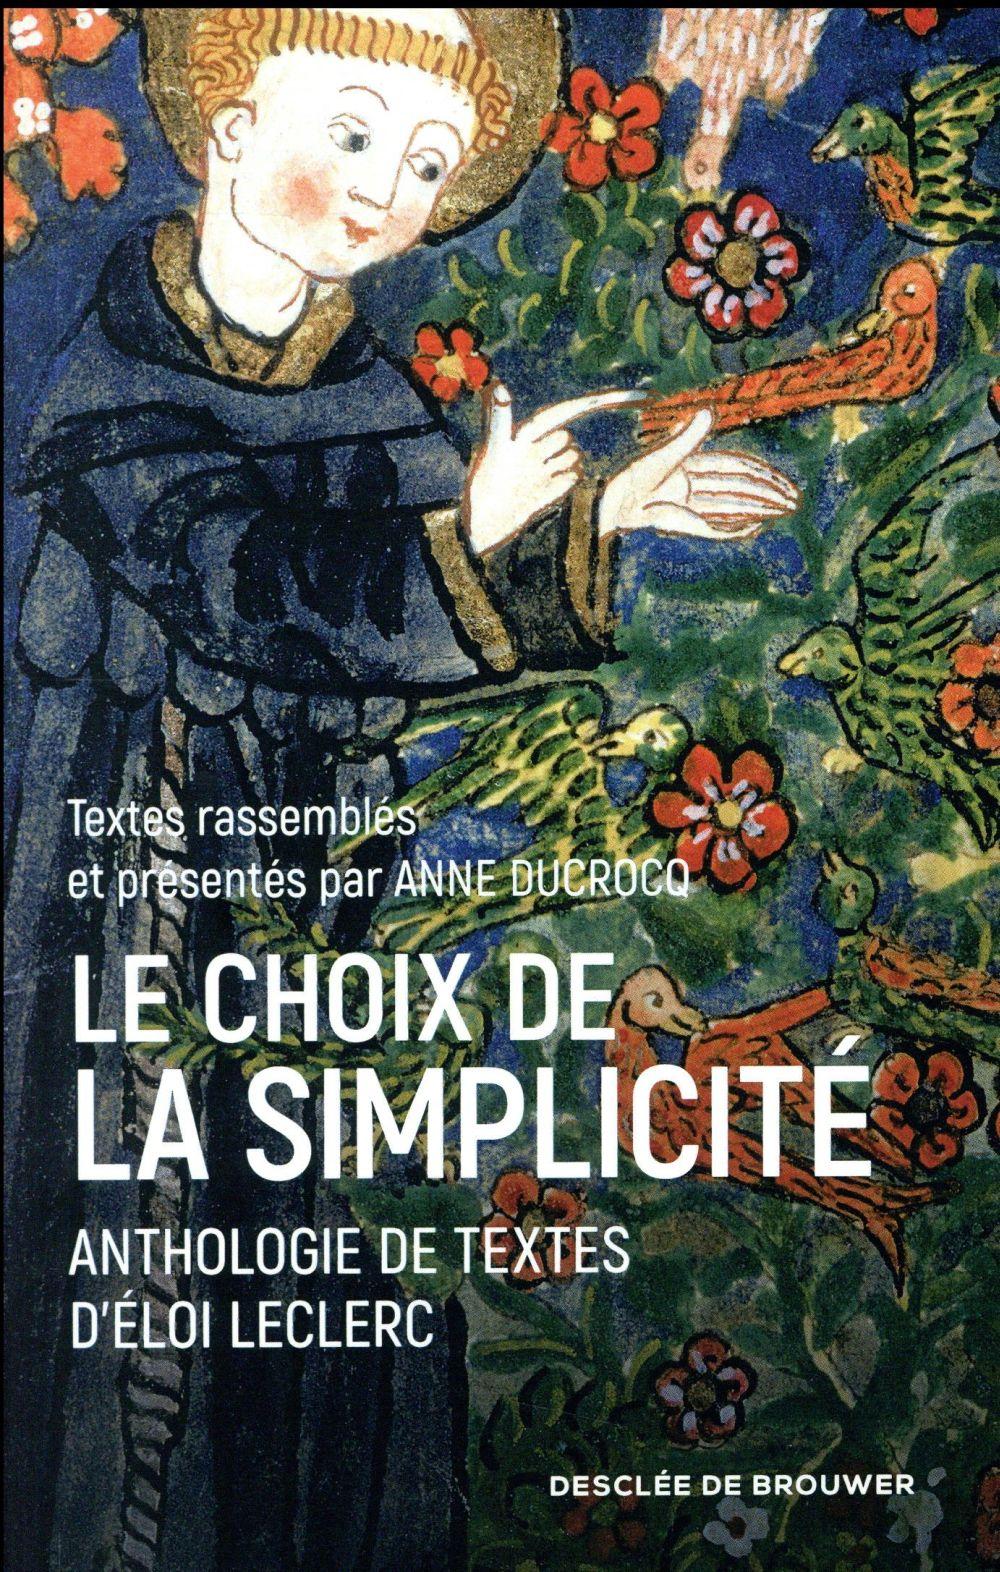 Le choix de la simplicité ; anthologie de textes d'Eloi Leclerc